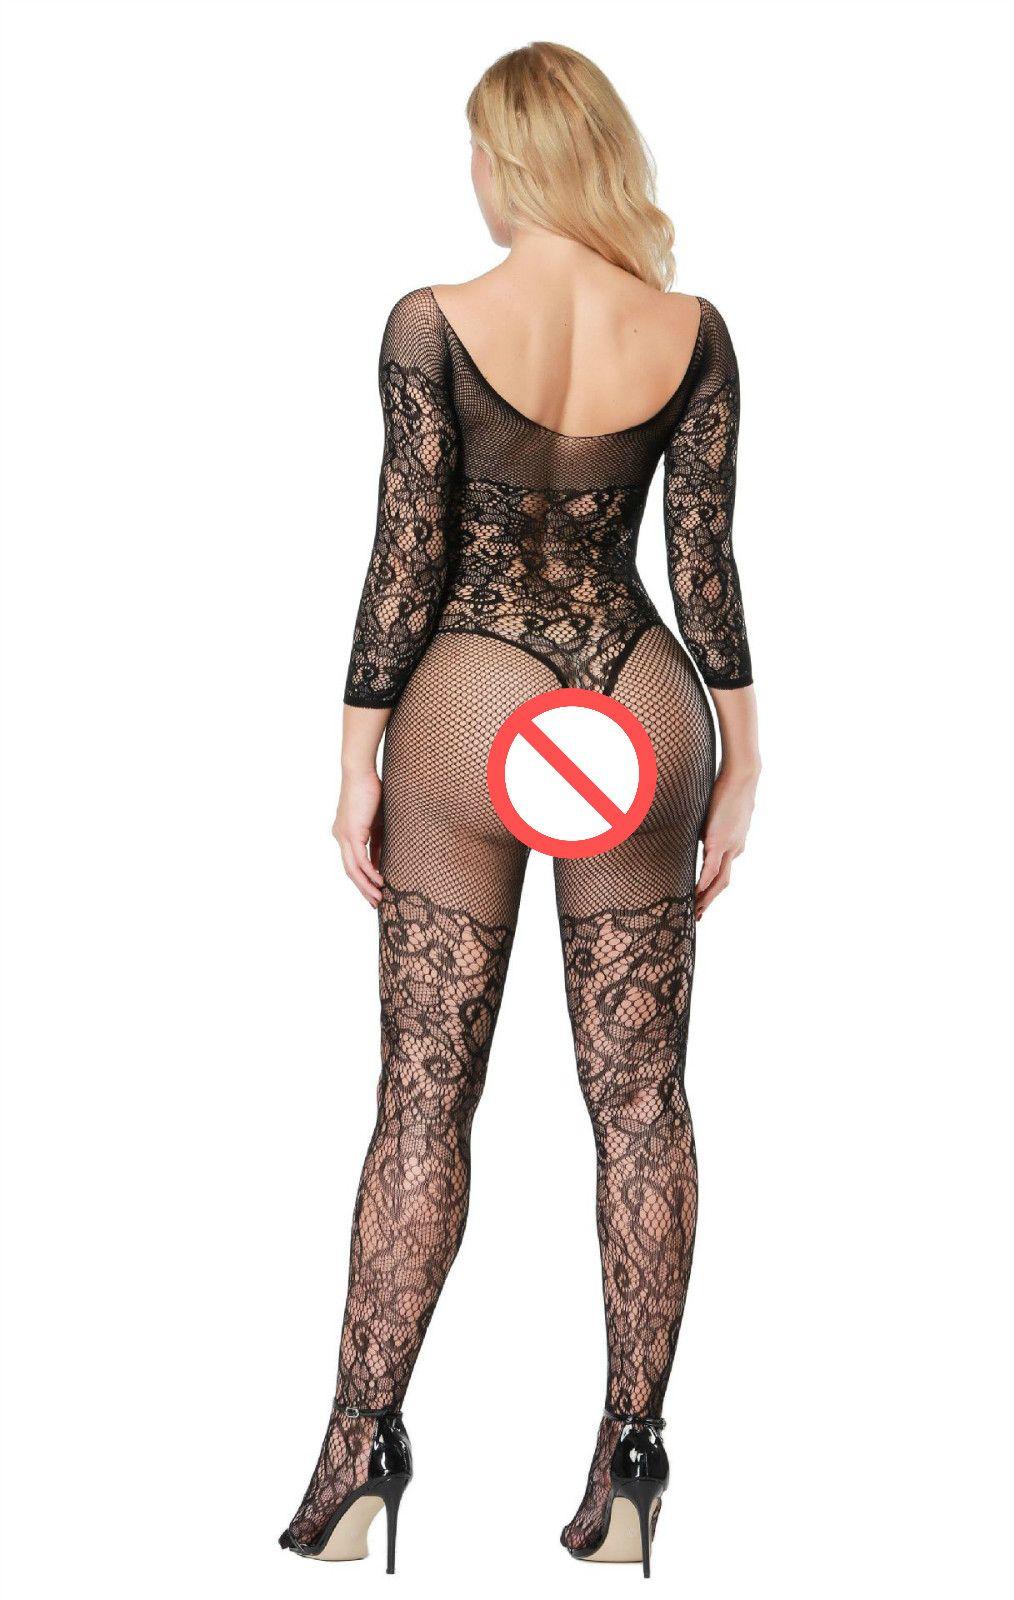 Seksi Sıcak Kadınlar Lingerie Bodystocking Bodysuit Kadınlar Sexi Kostüm Lenceria Açık Crotch Babydoll Uzun Kollu Erotik Fishnet